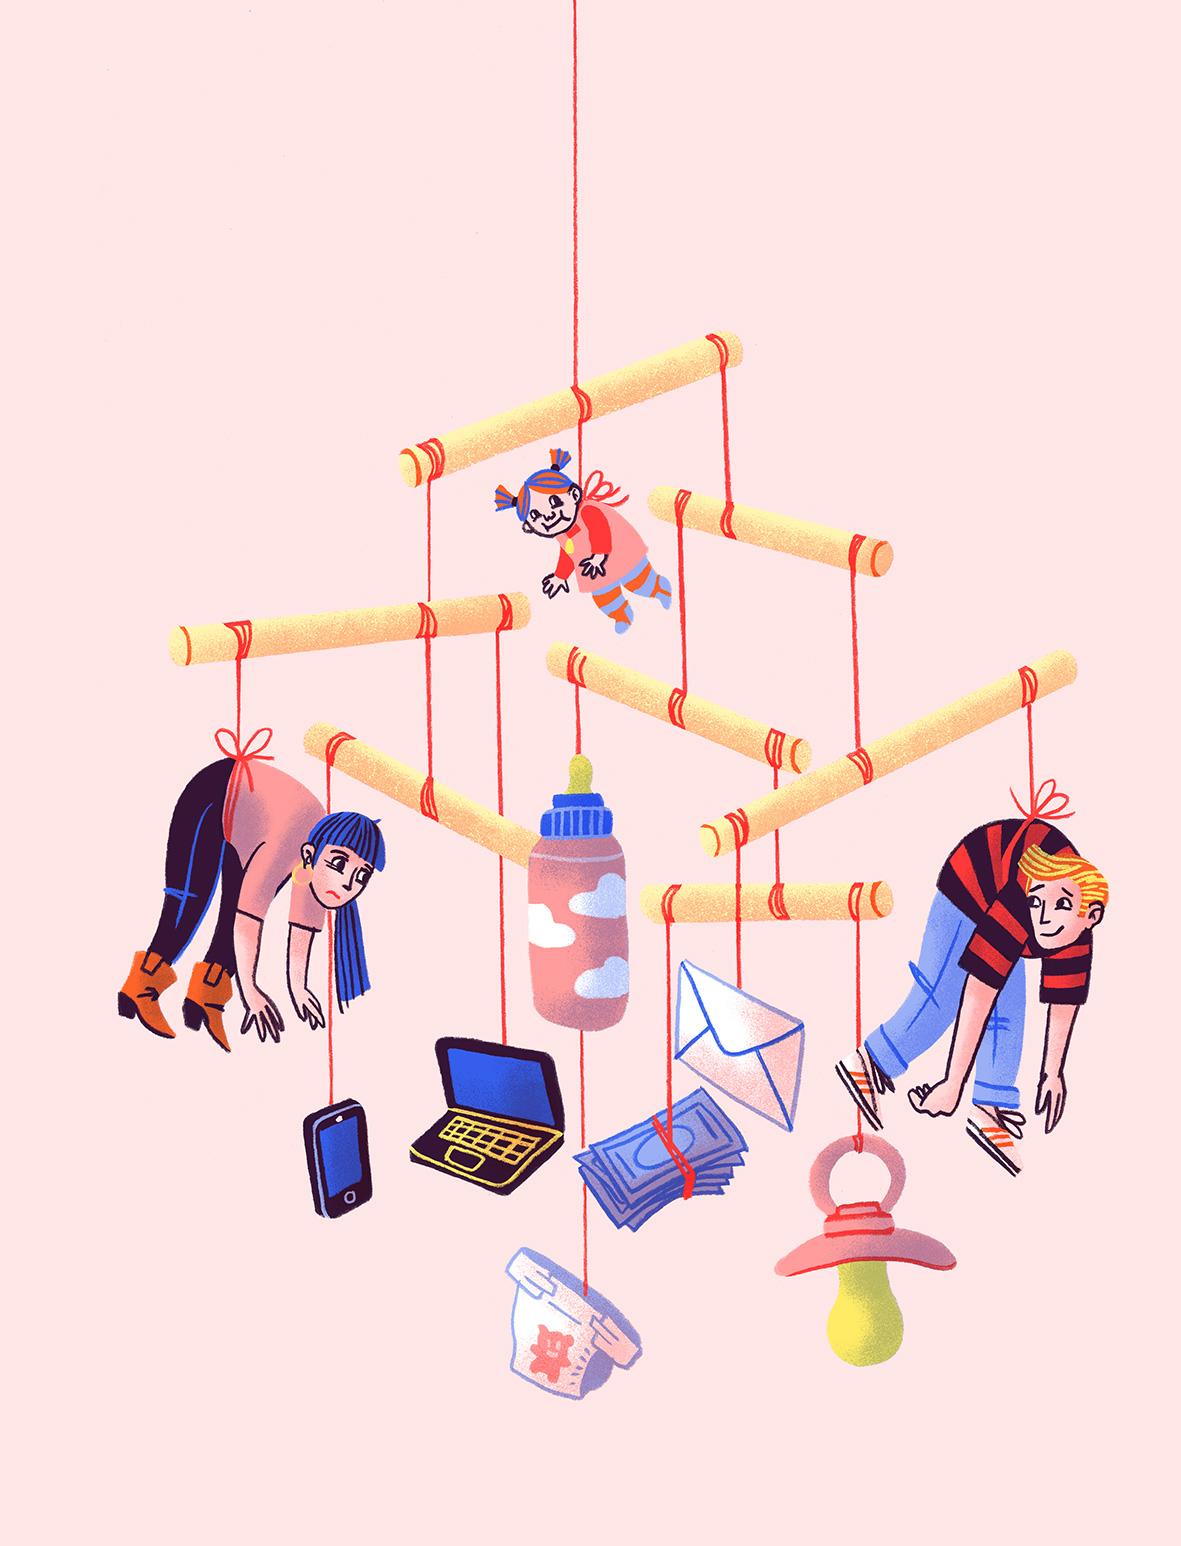 mobile3.jpg